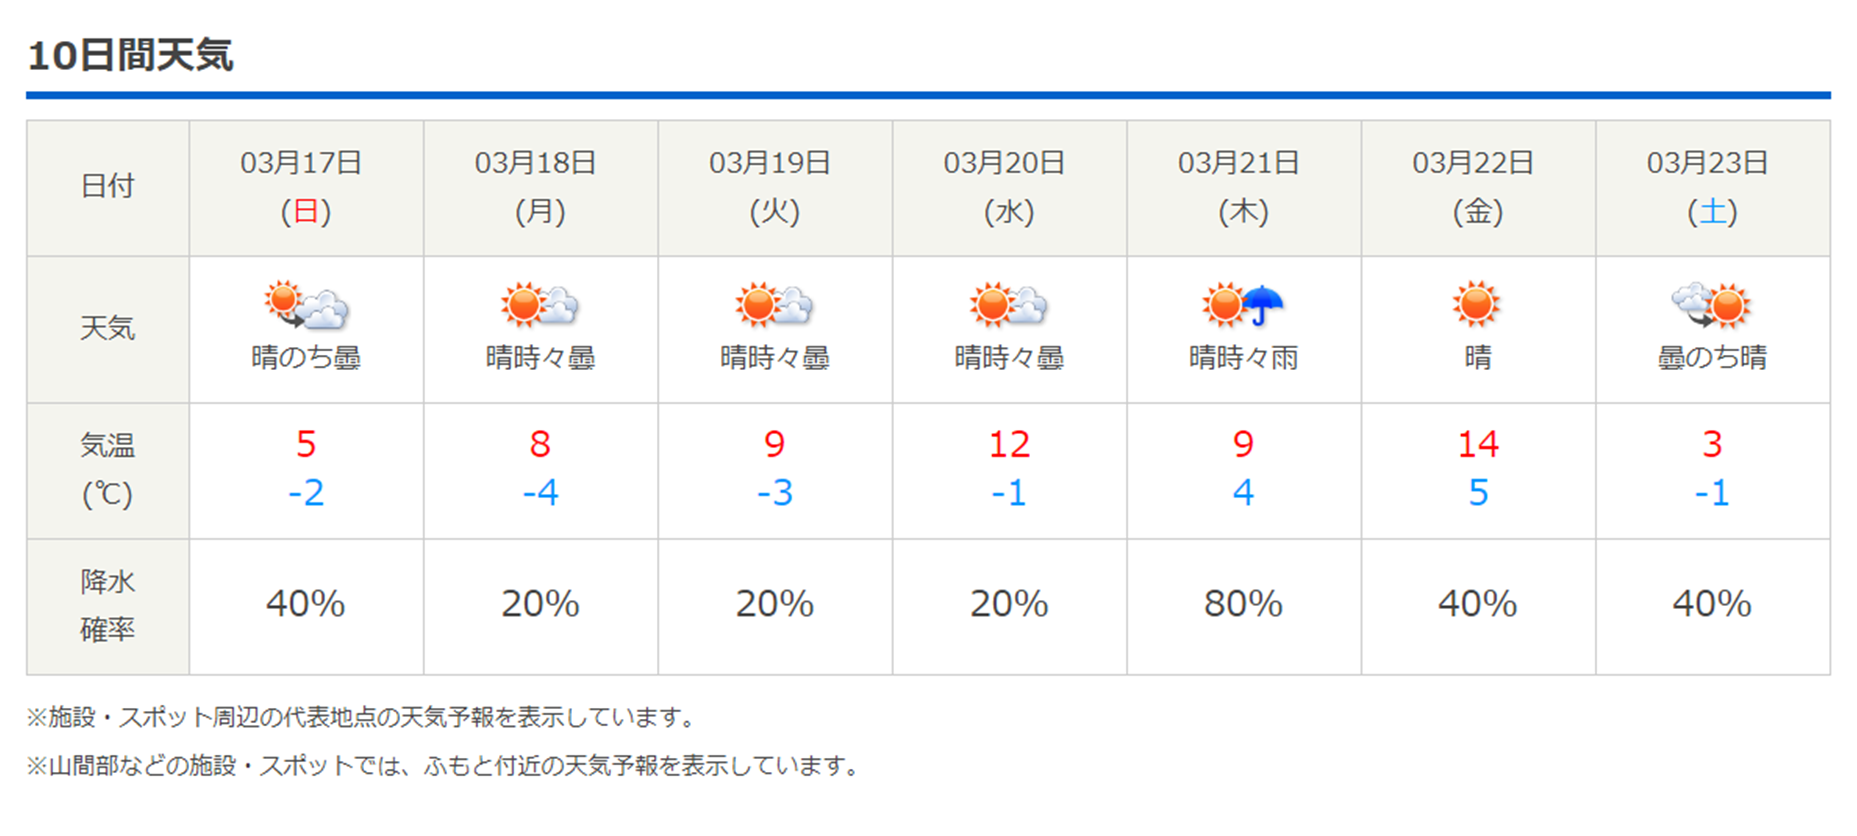 今週末の天気と気温(2019年3月14日):まだまだ冬タイヤ必須です_b0174425_12344068.png